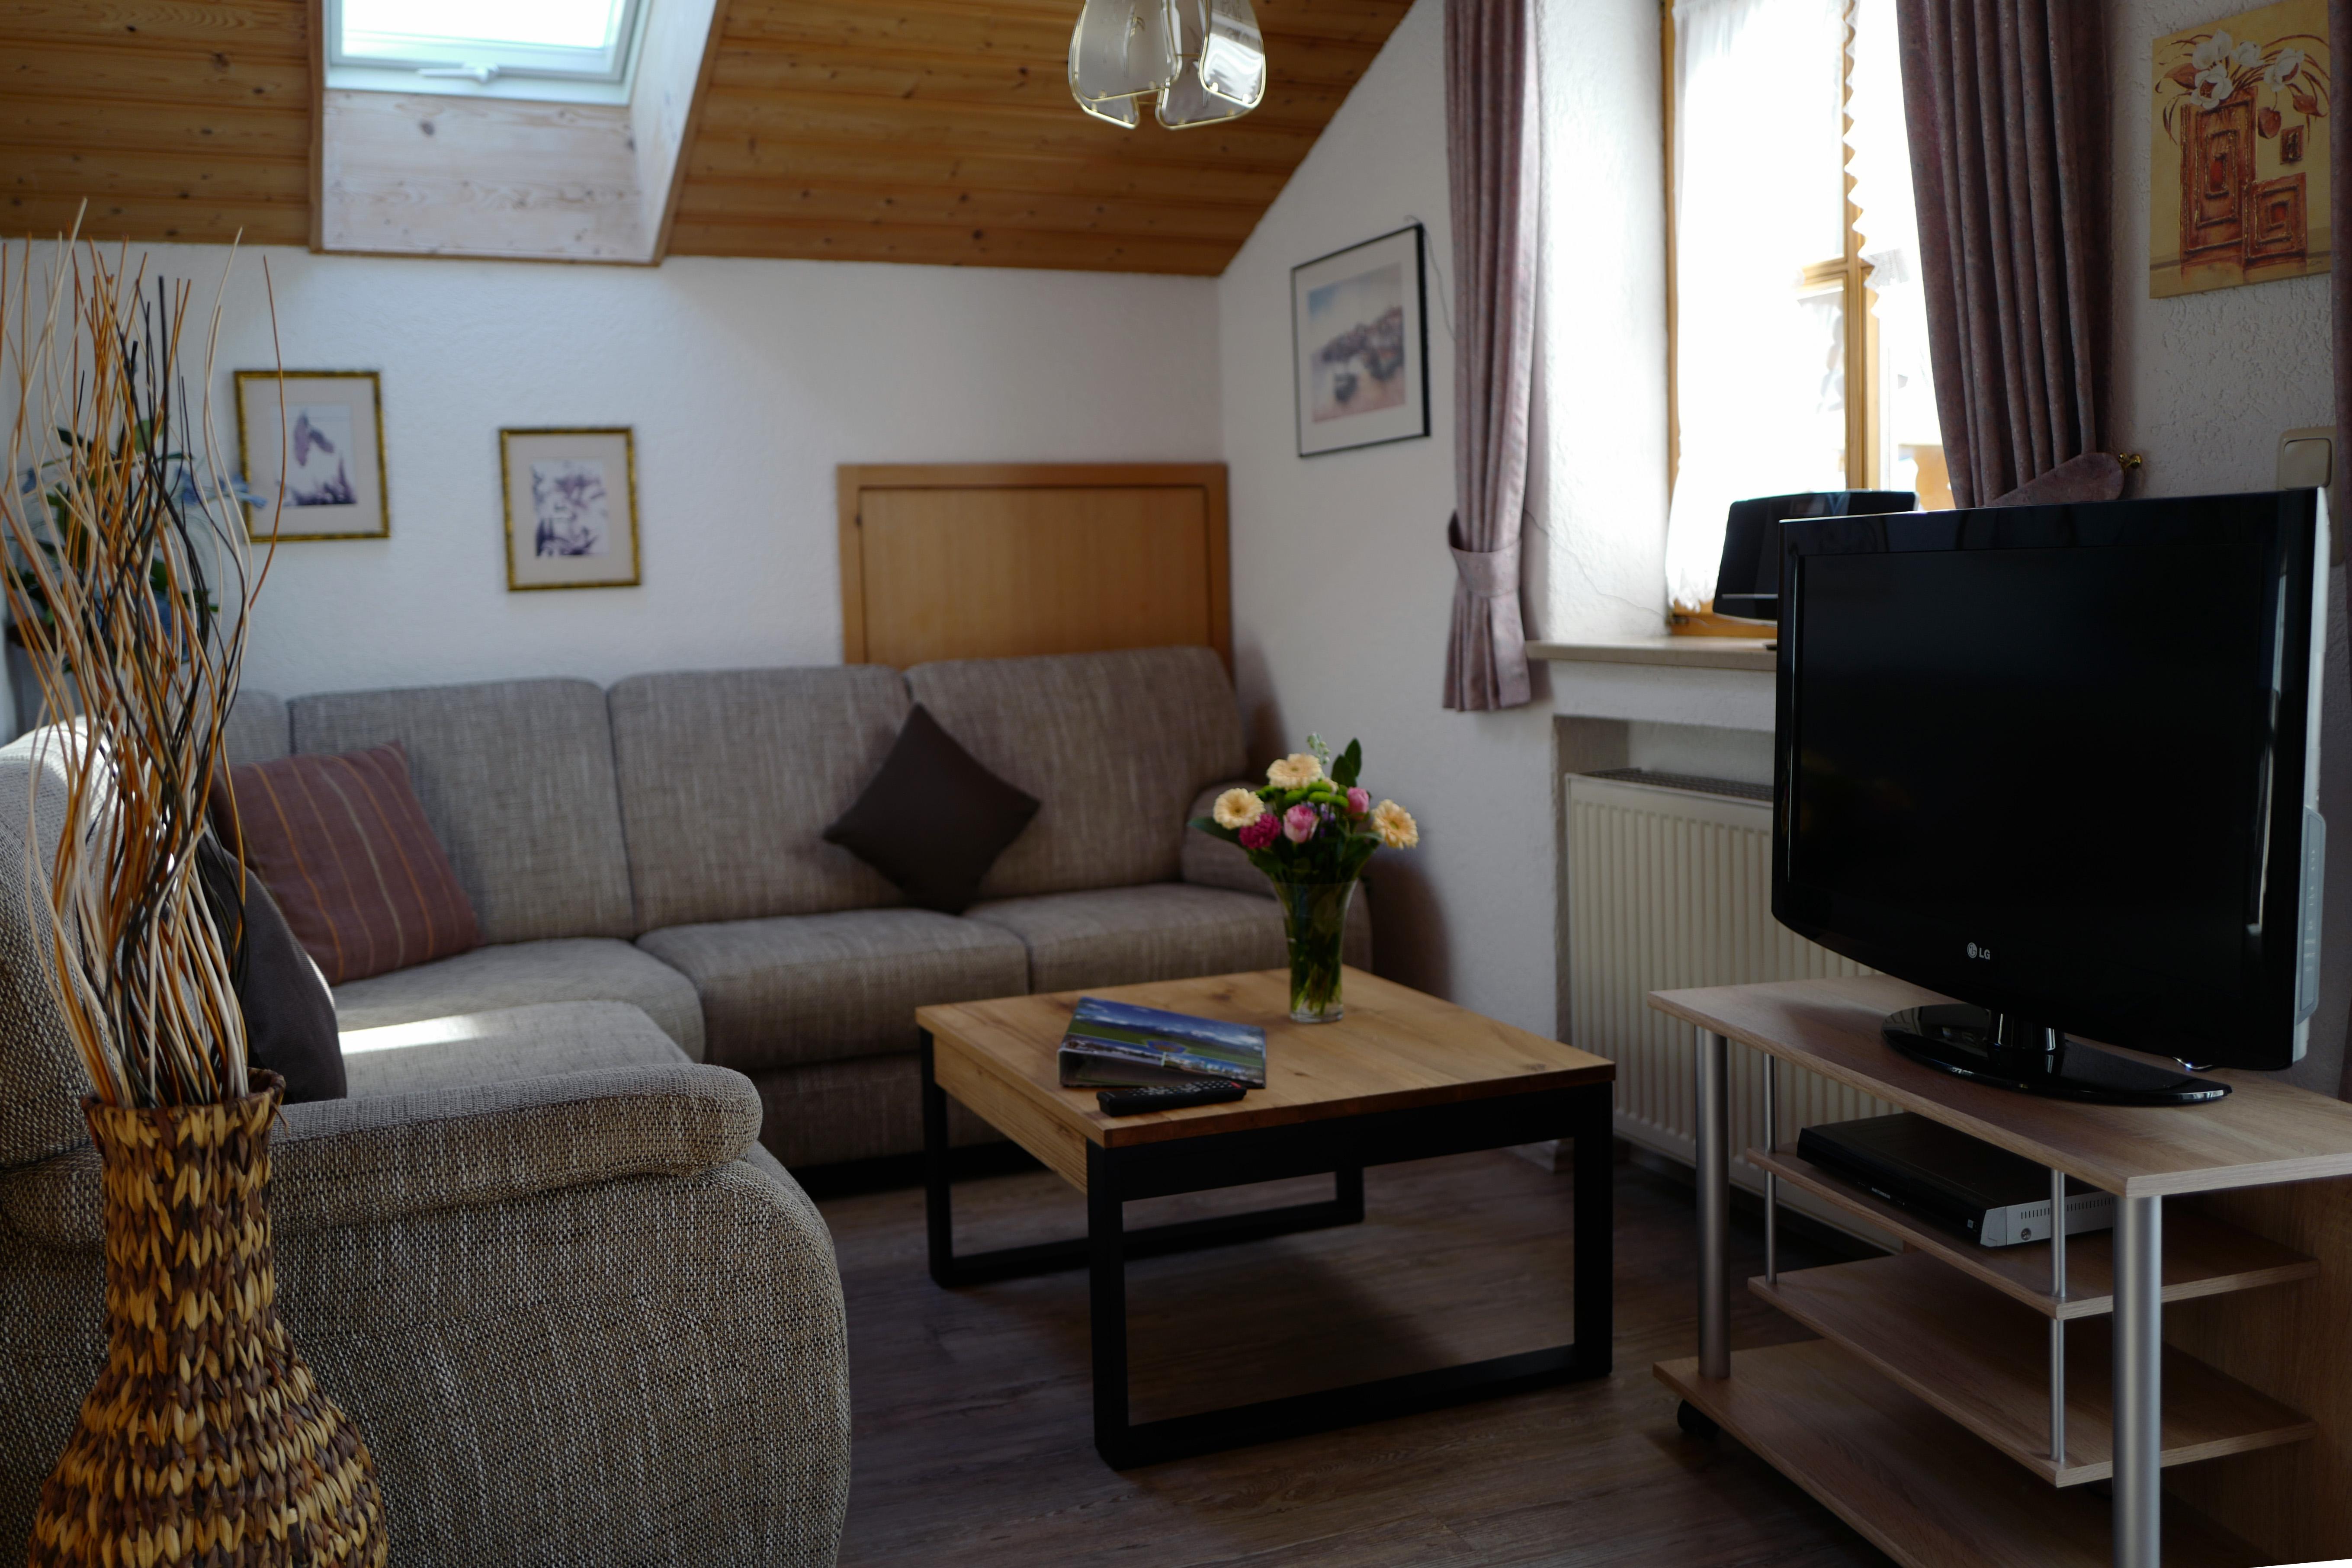 Ferienwohnung Haus Annemarie - Wohnzimmer